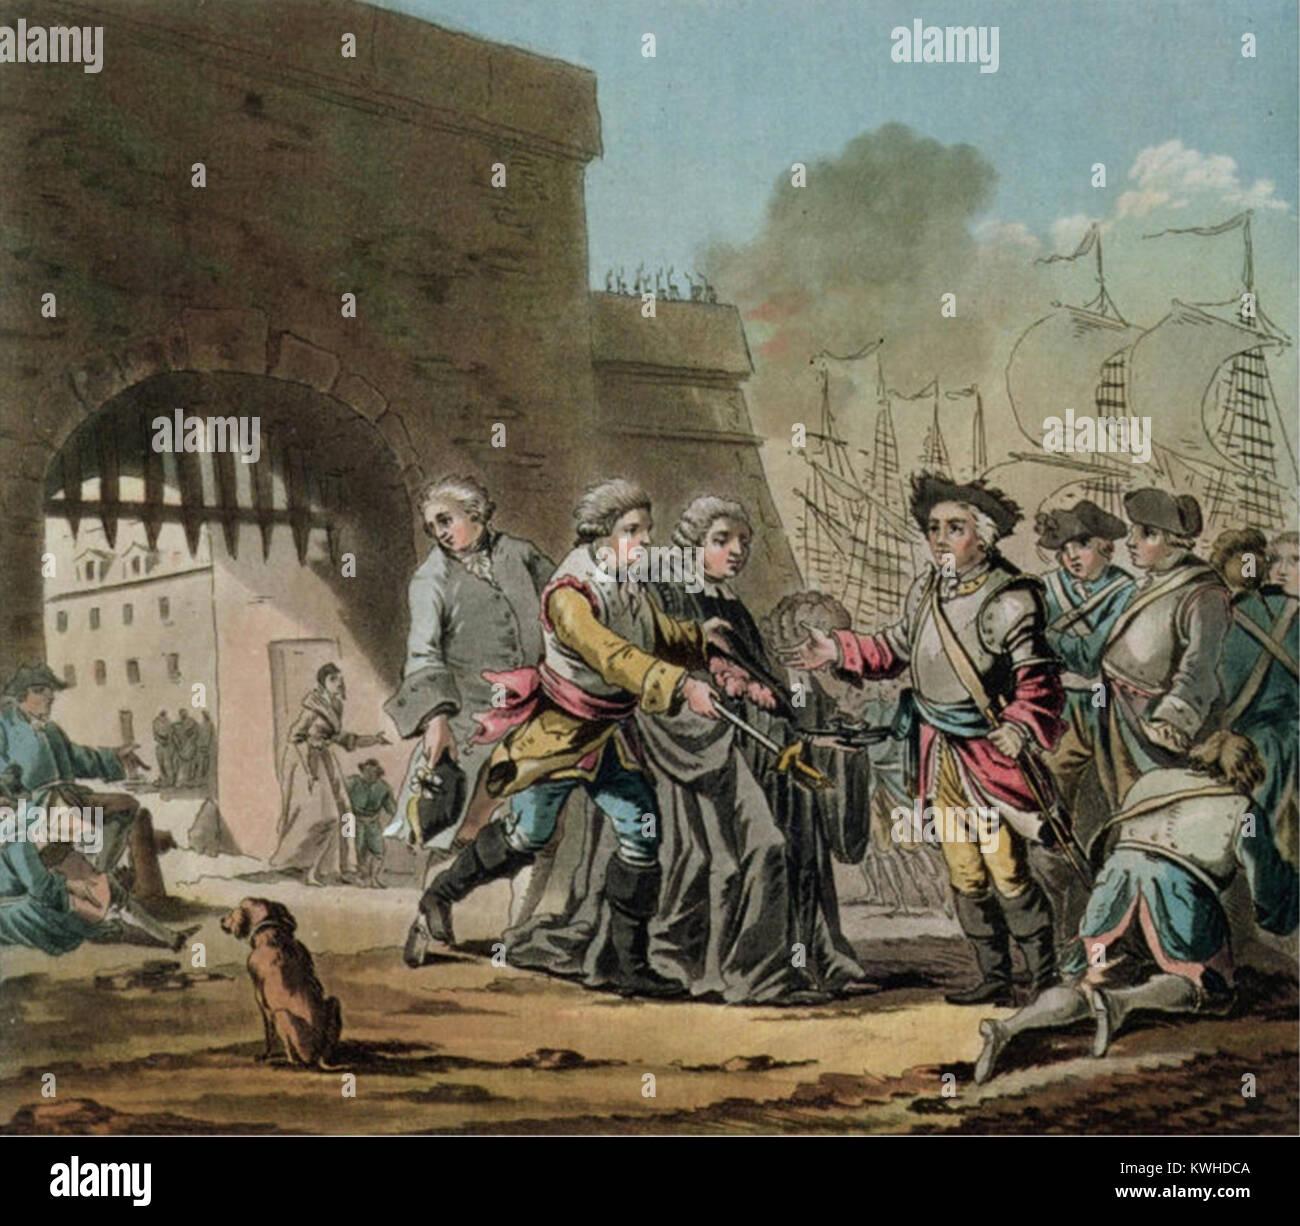 La resa della città di Madras 1746 Il primo Carnatic guerra (1746-1748) era il teatro indiano della Guerra Immagini Stock